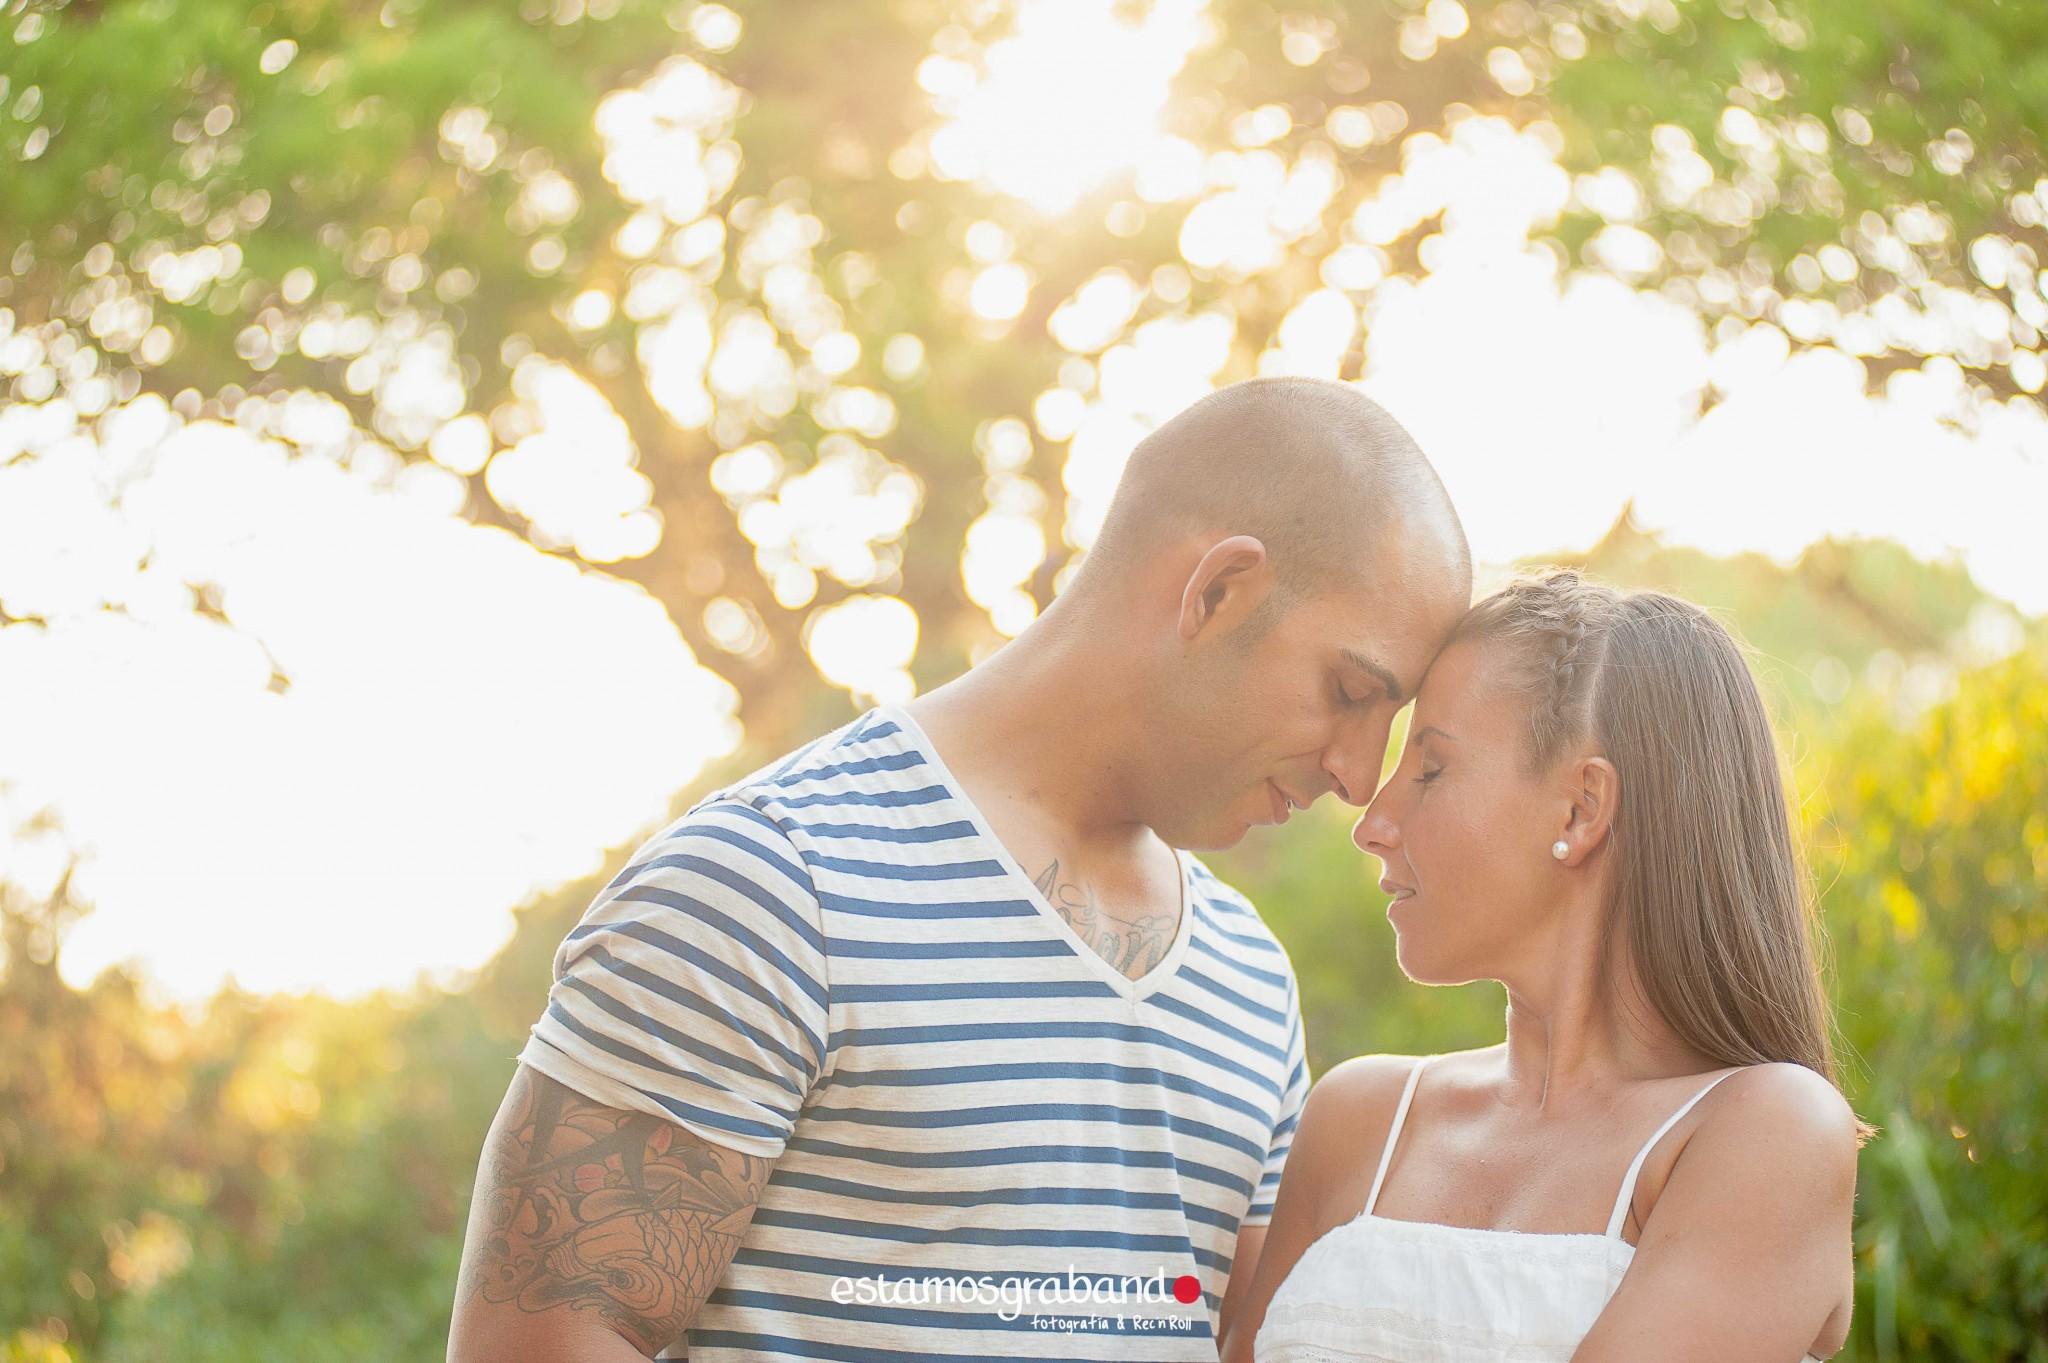 pareja-misteriosa_estamosgrabando-10 Sancti Petri y sus luces [Preboda Raquel & Ale] - video boda cadiz